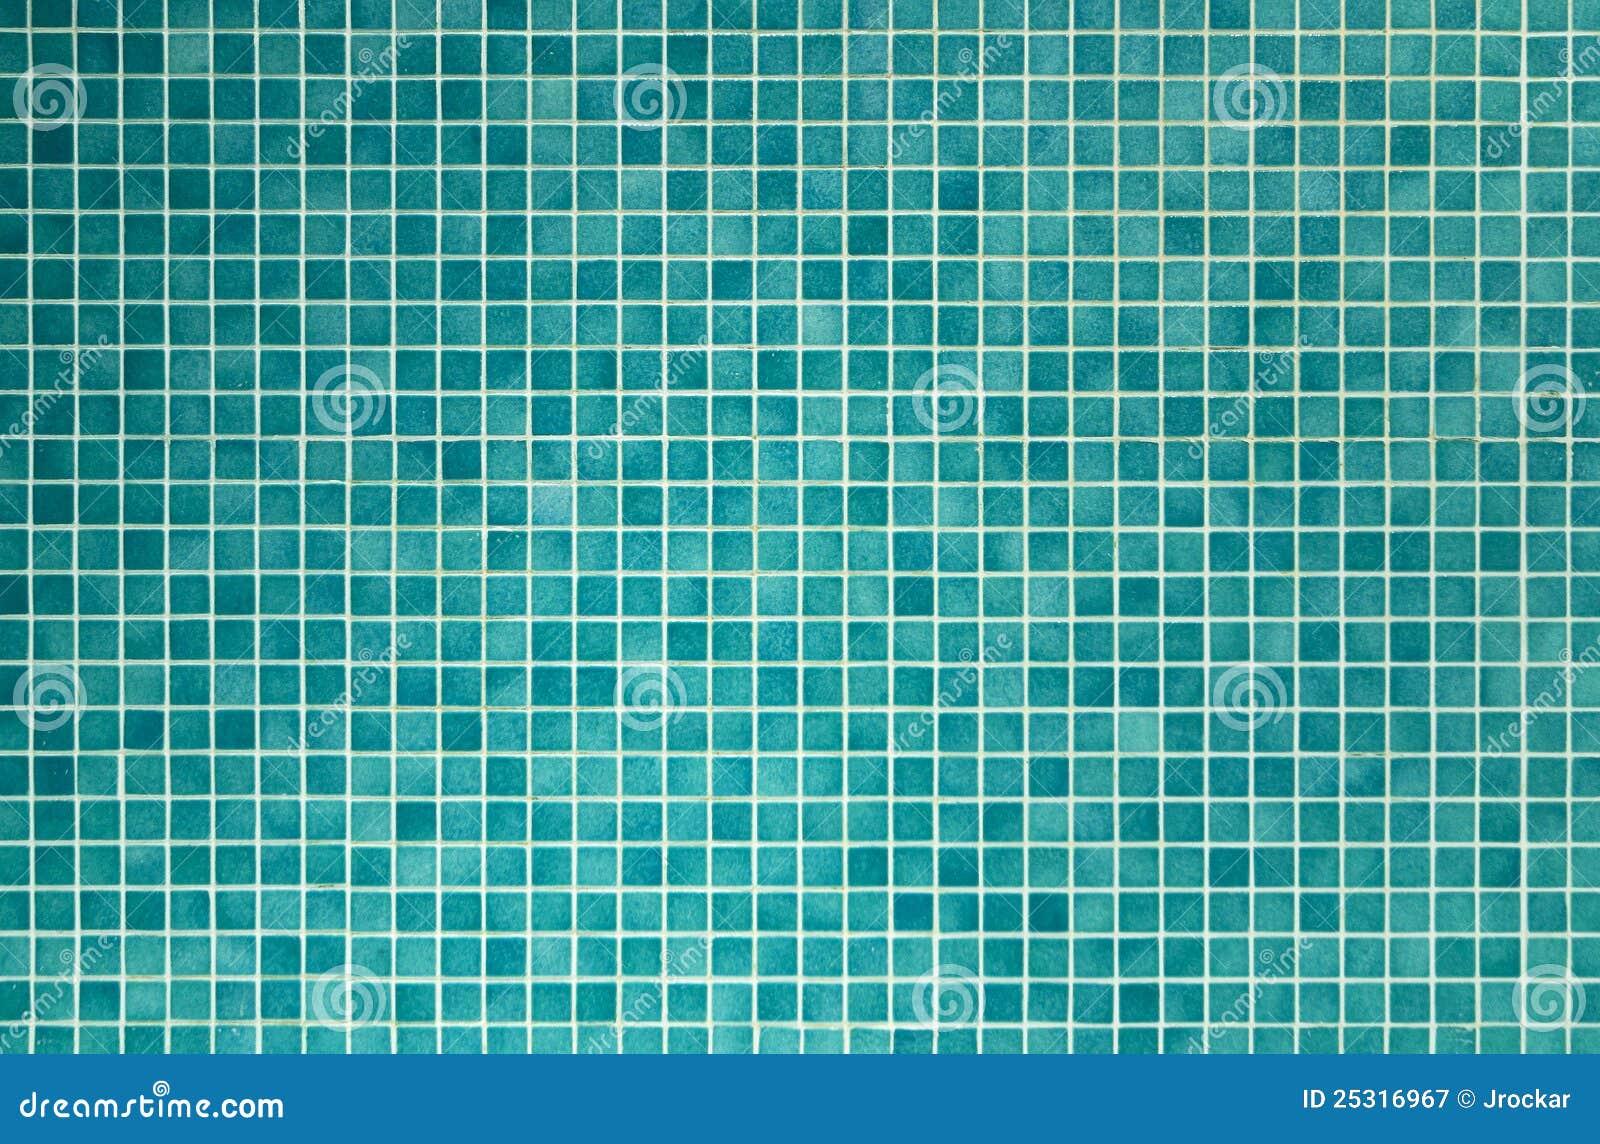 Azulejos Baño Mosaico:Azulejos De Mosaico Verdes Para El Cuarto De Baño Y La Cocina